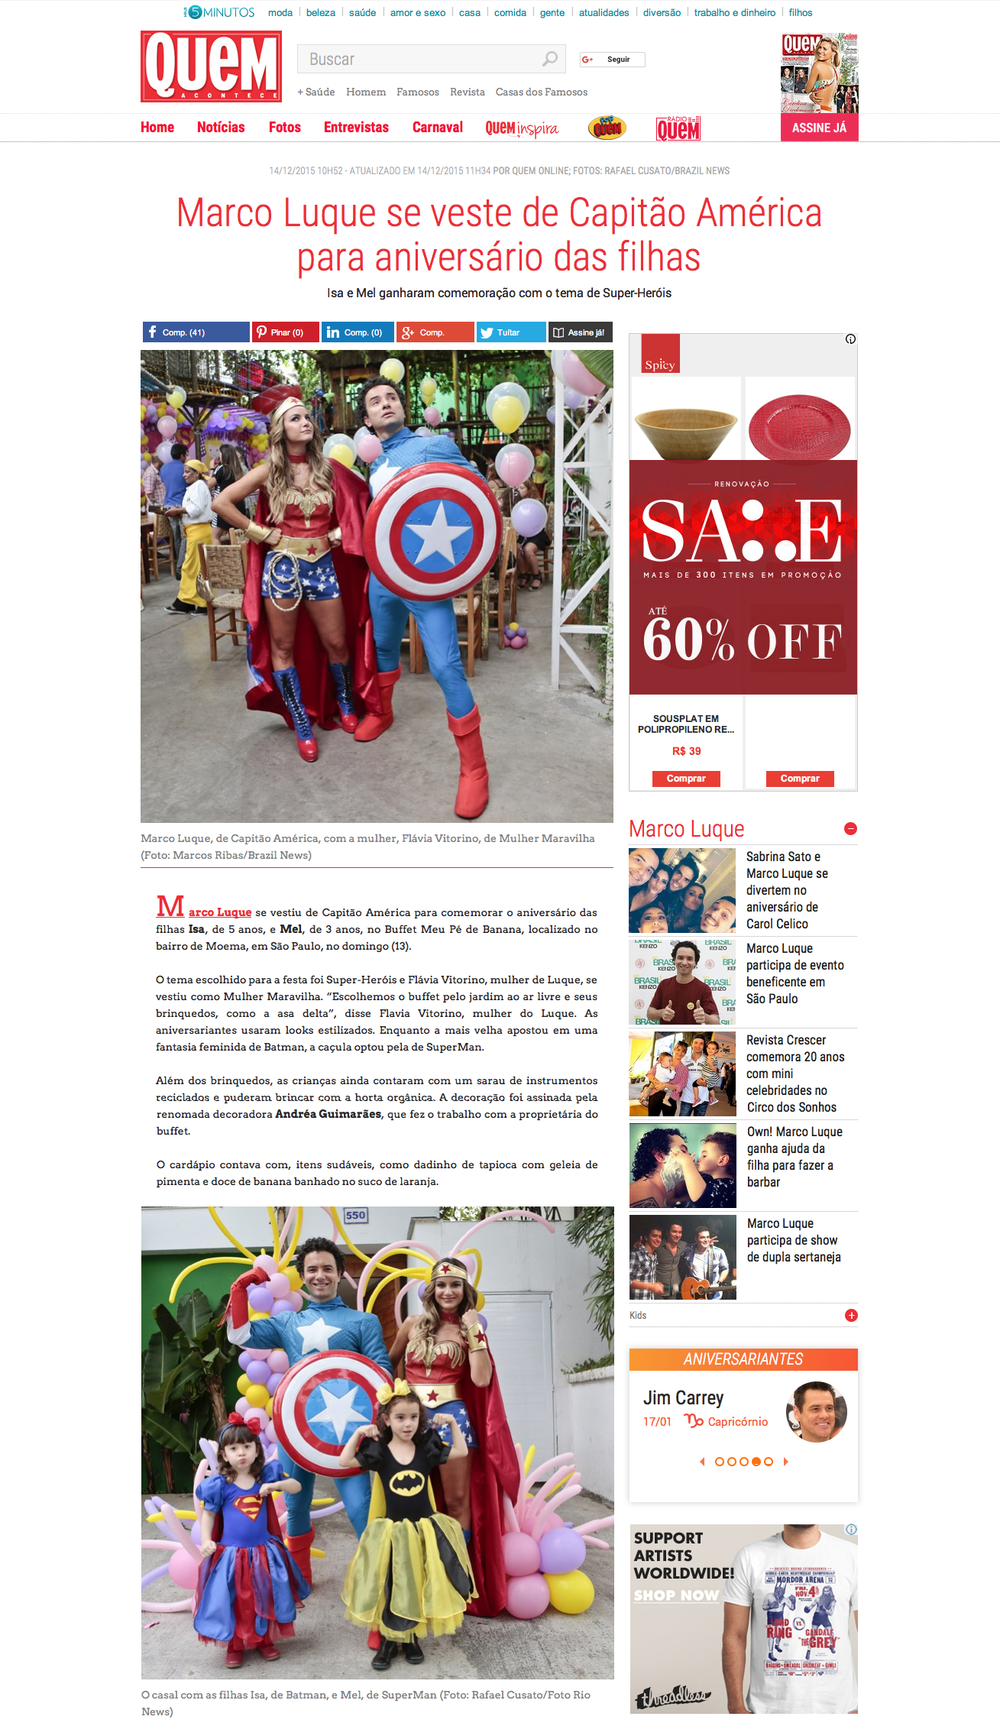 Link da matéria: http://revistaquem.globo.com/QUEM-News/noticia/2015/12/marco-luque-se-veste-de-capitao-america-para-aniversario-das-filhas.html